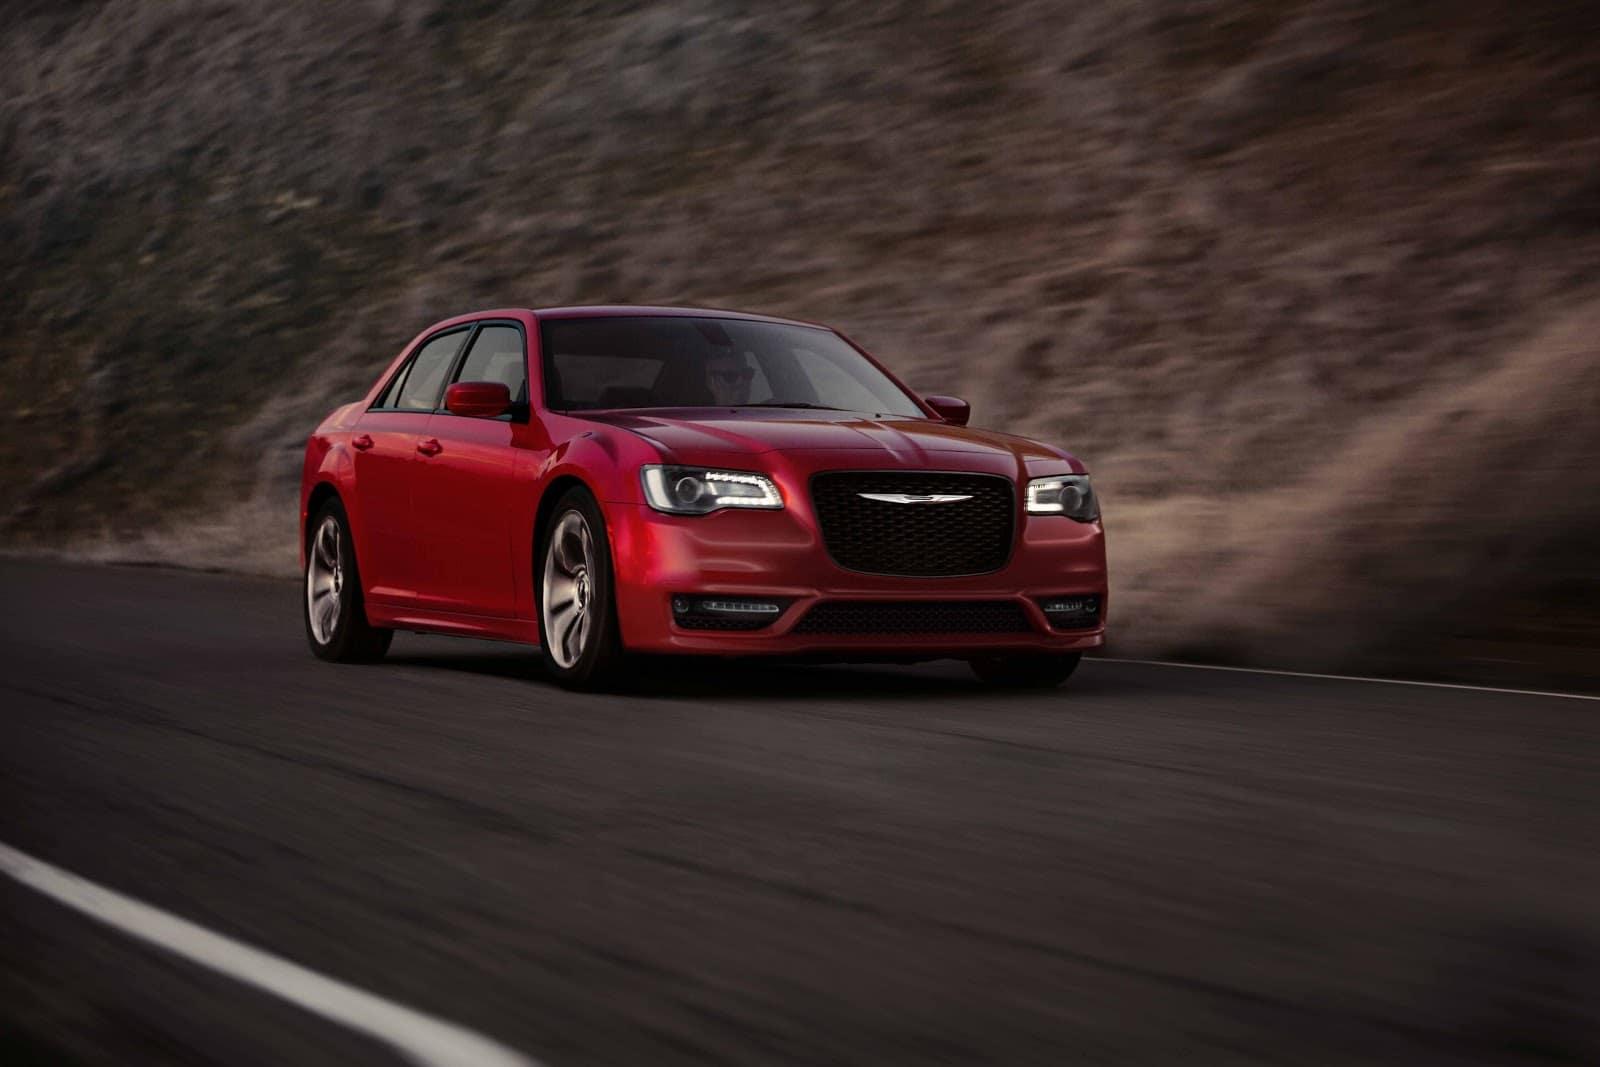 Red 2019 Chrysler 300 Driving Mountainside